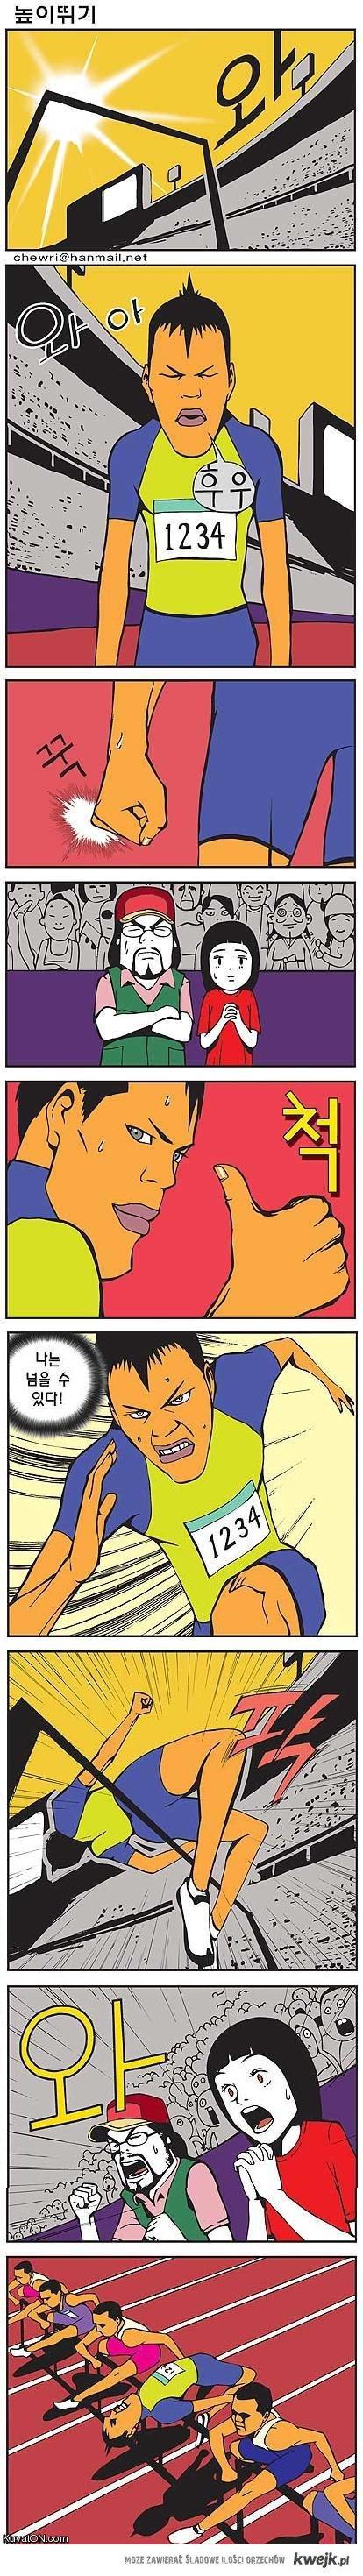 bieg przez płotki komiks